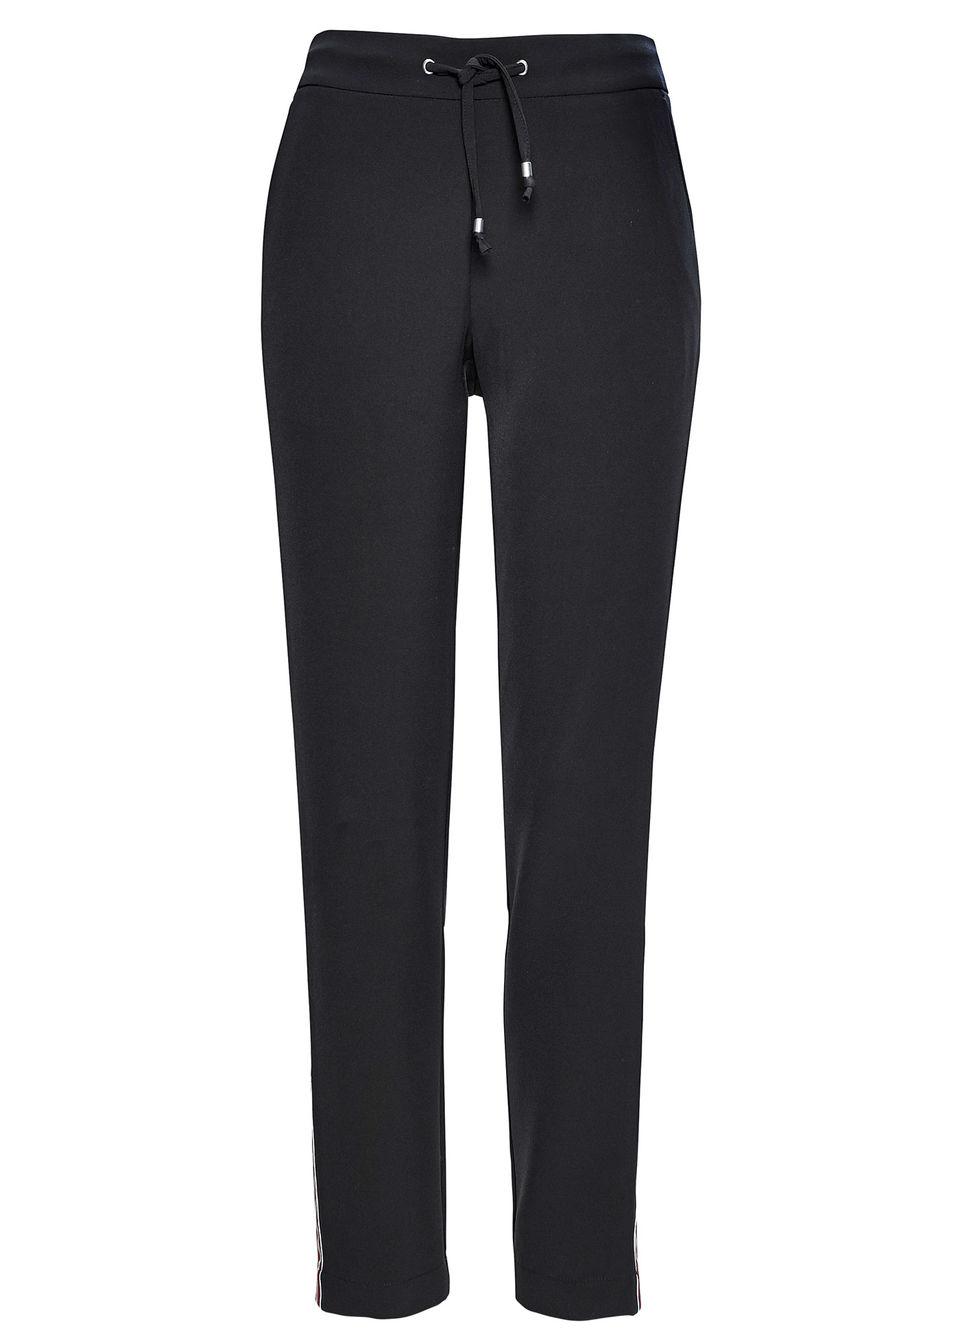 Spodnie bez zamka w talii, z ozdobnymi paskami bonprix czarny